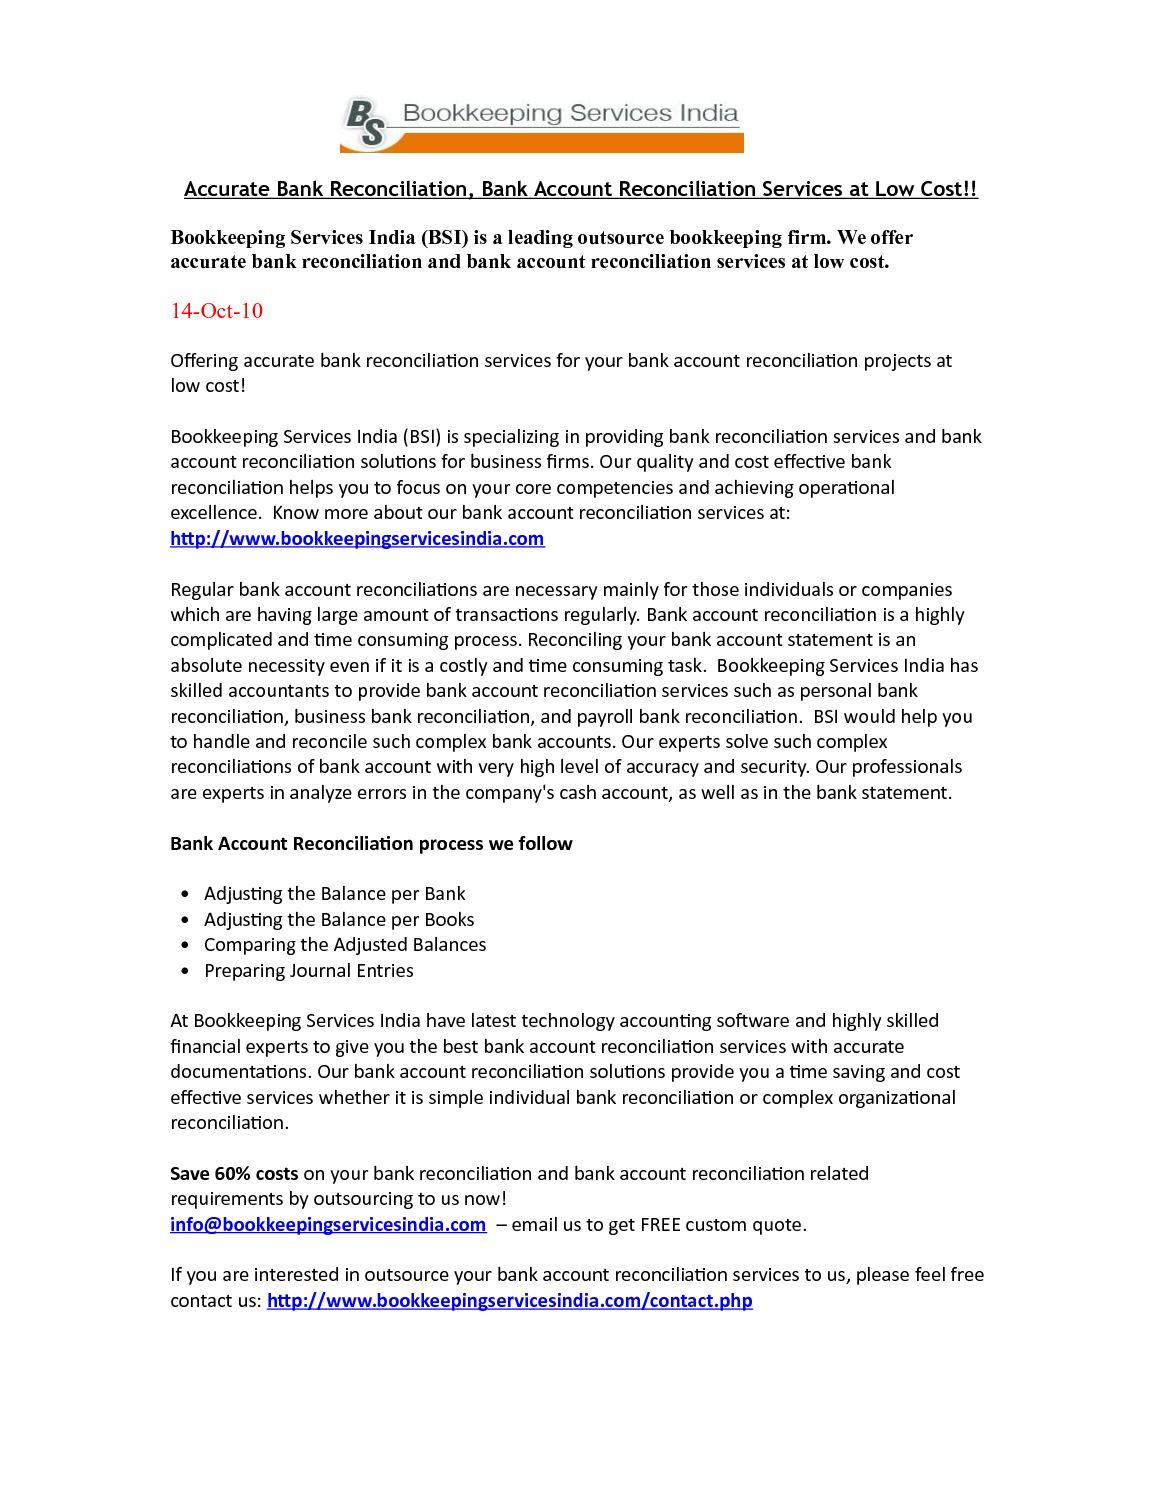 calaméo accurate bank reconciliation bank account reconciliation